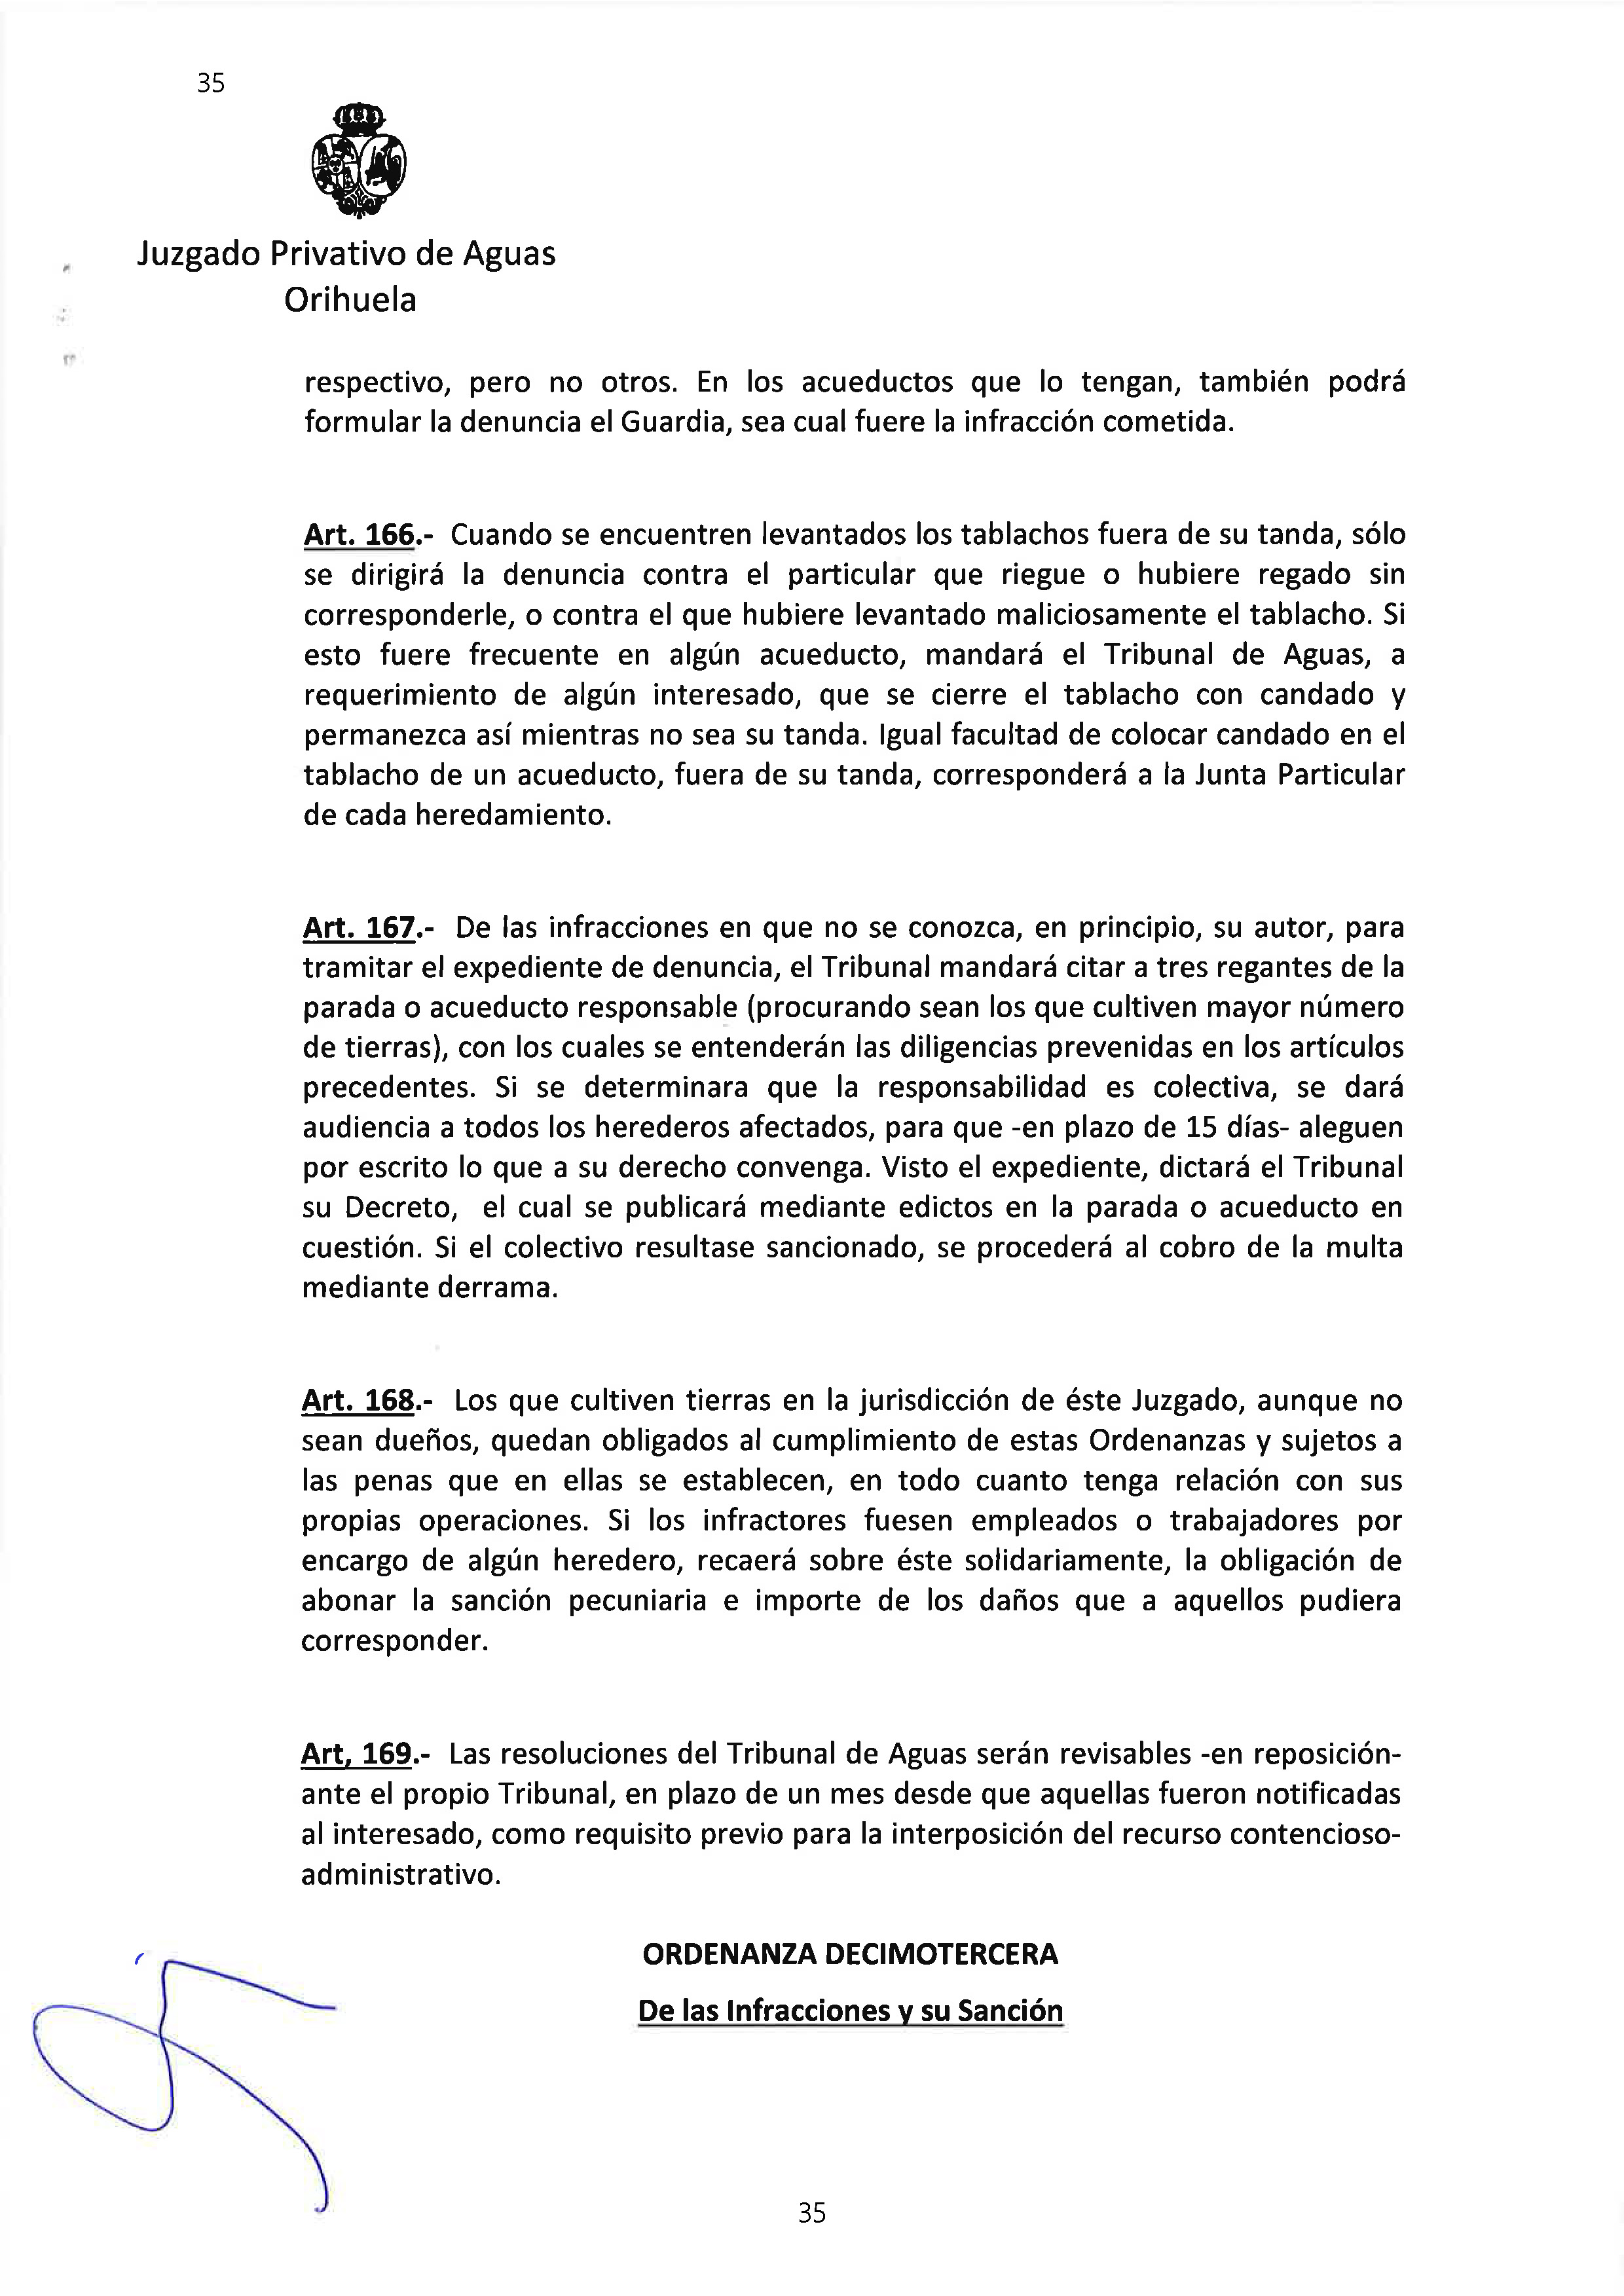 Ordenanzas_Página_35